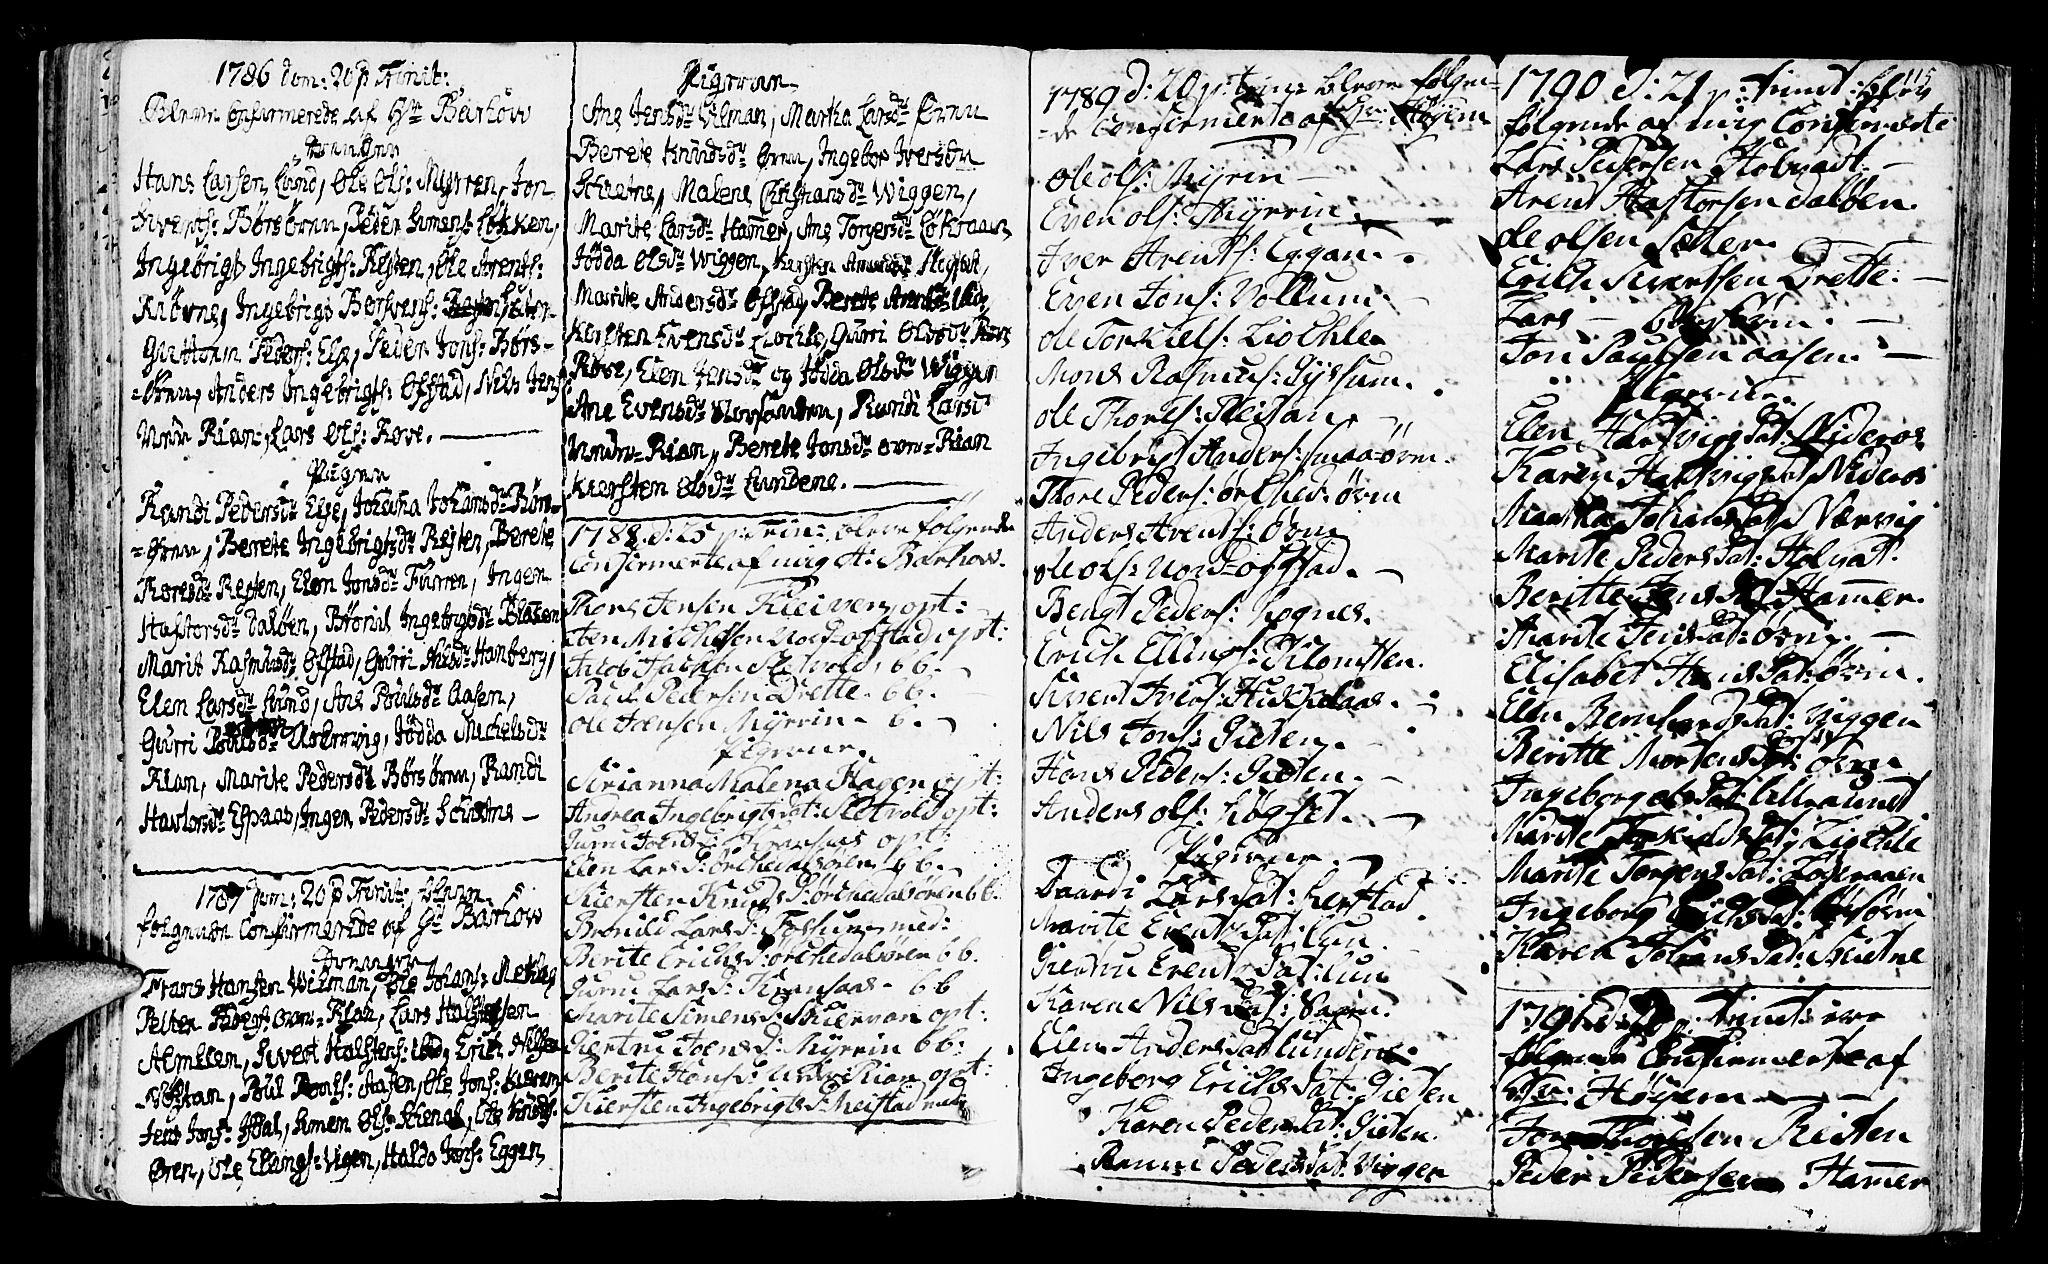 SAT, Ministerialprotokoller, klokkerbøker og fødselsregistre - Sør-Trøndelag, 665/L0768: Ministerialbok nr. 665A03, 1754-1803, s. 115